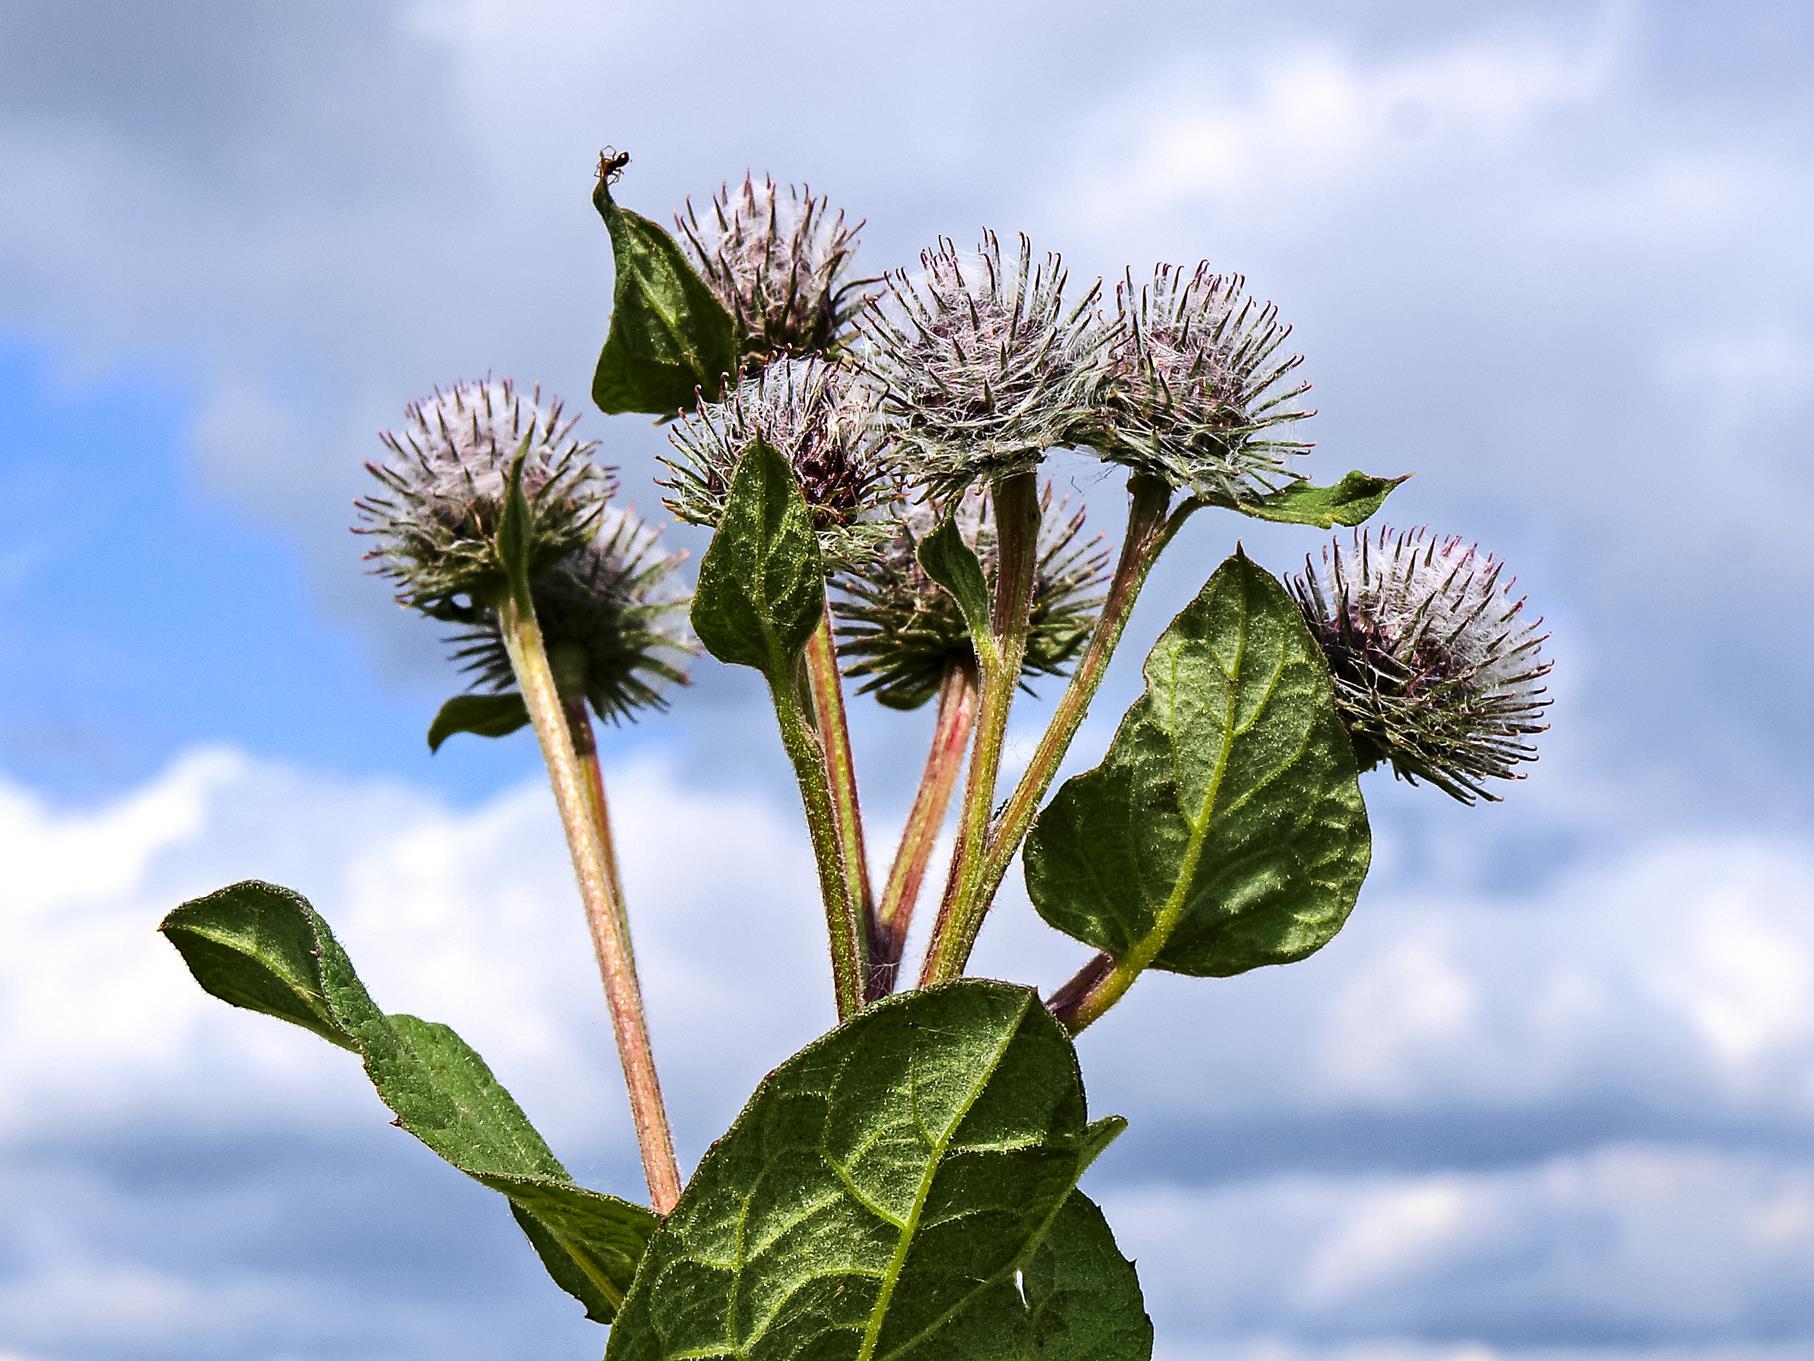 Blühende Disteln sind für Insekten eine wichtige Nahrungsquelle.